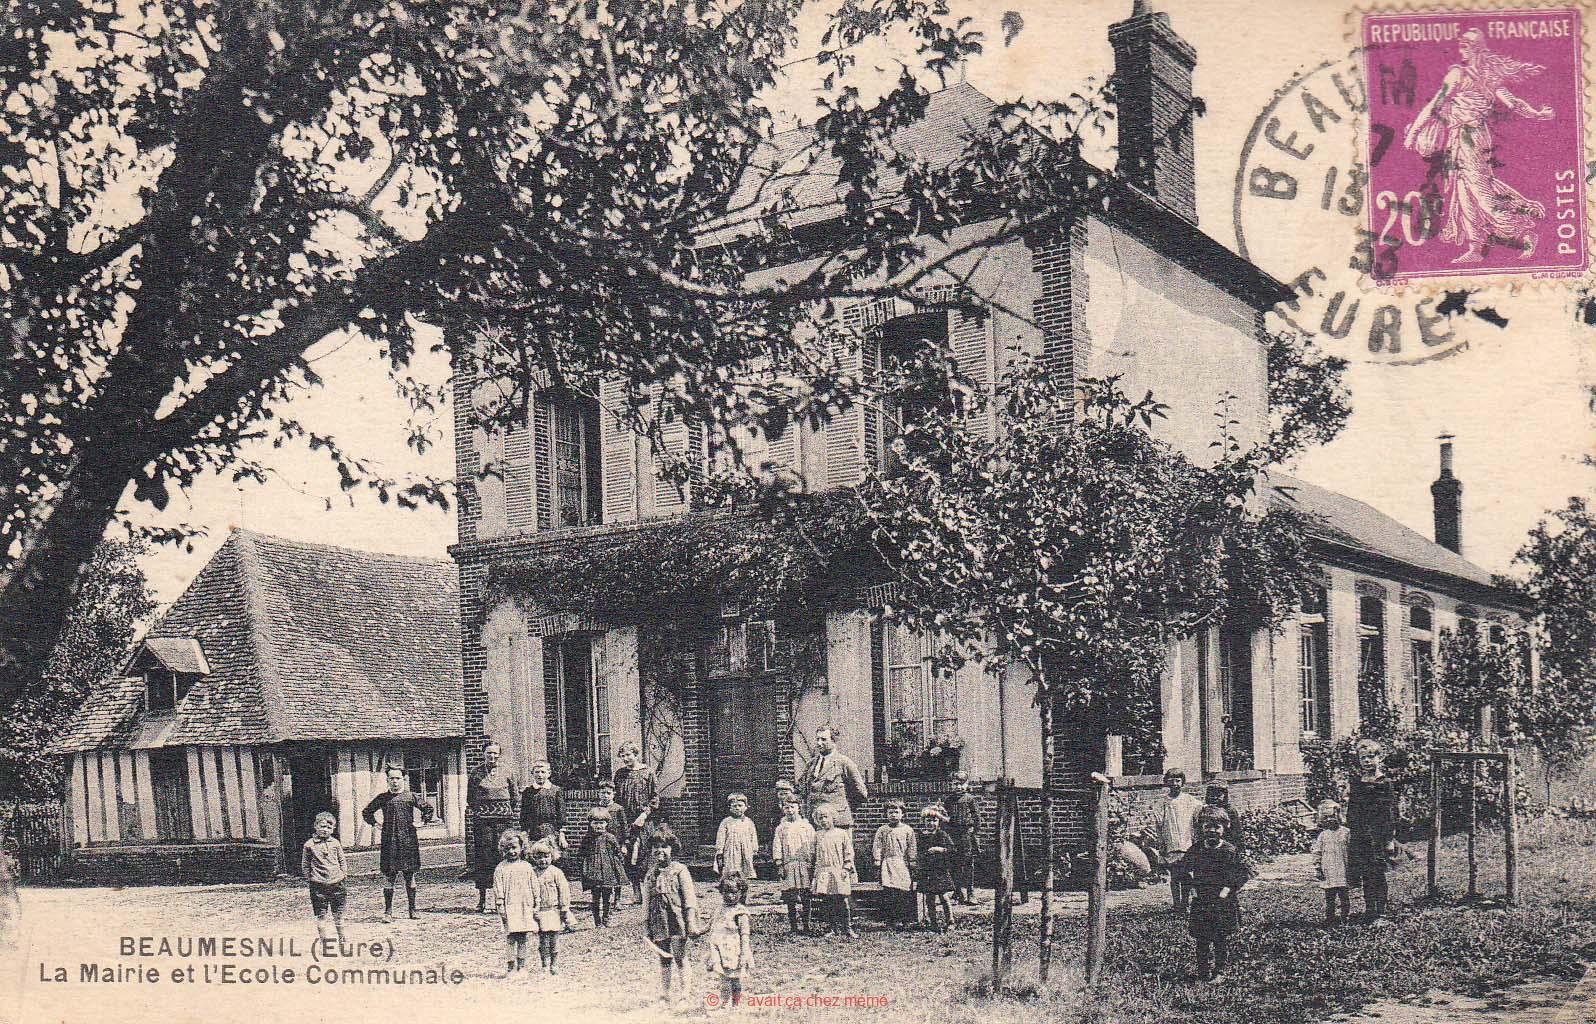 La Mairie et l'École Communale